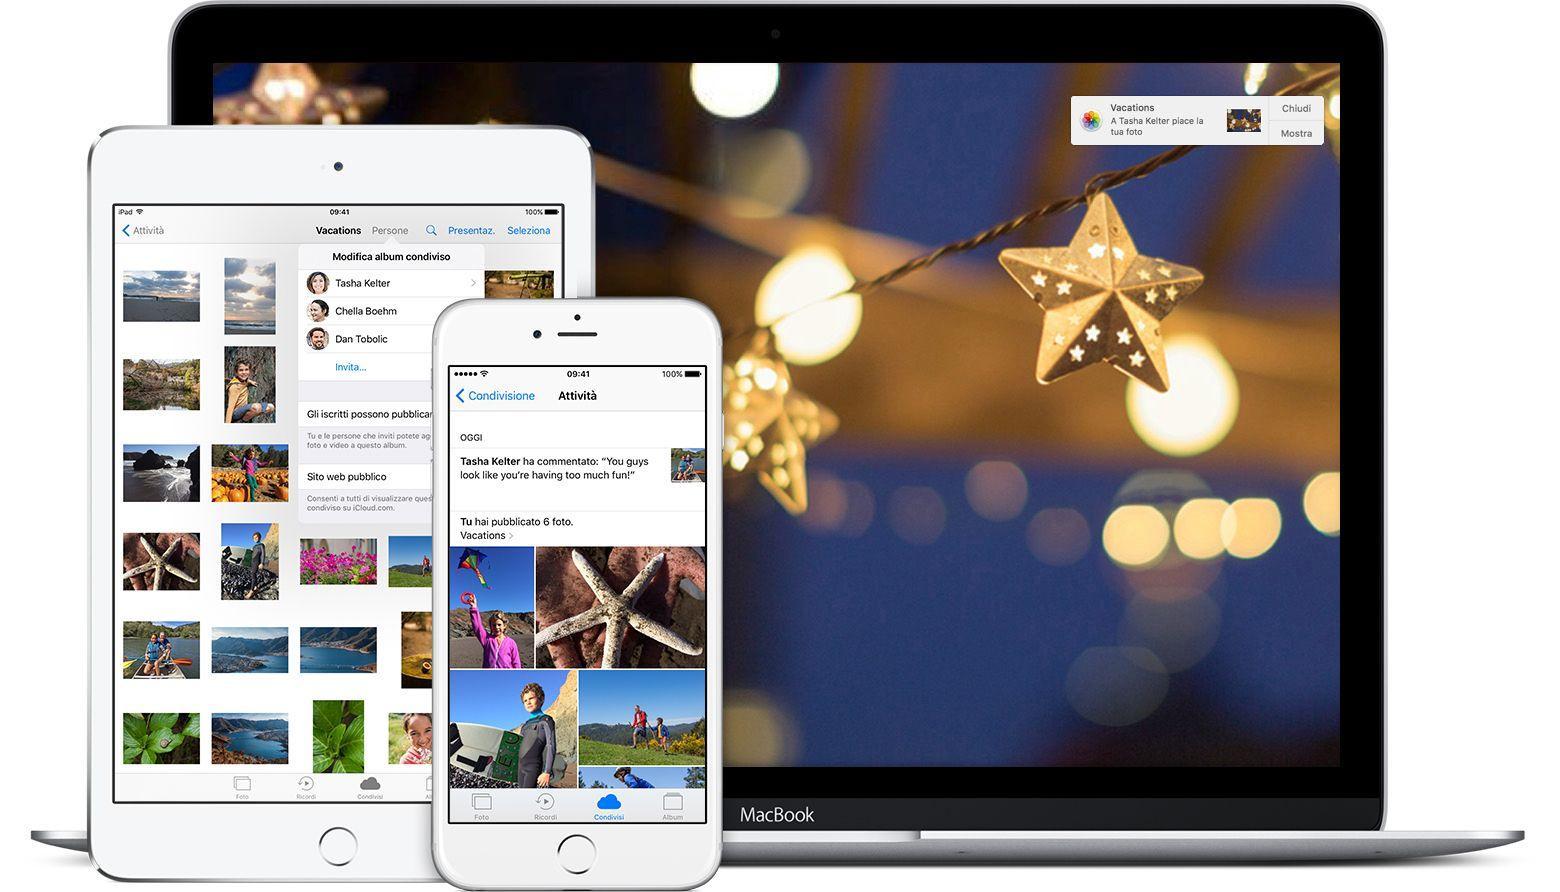 Come creare album foto condiviso su iPhone